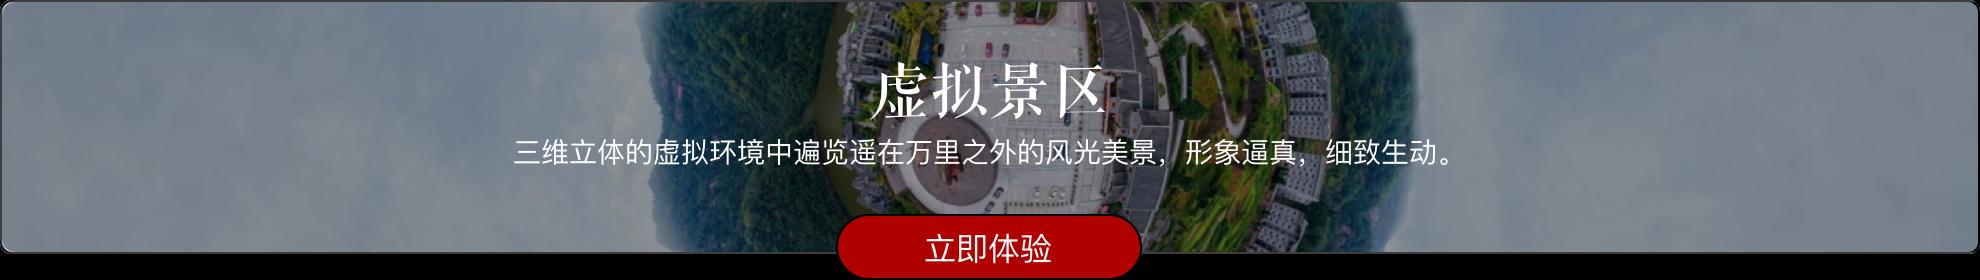 四面山VR虚拟全景